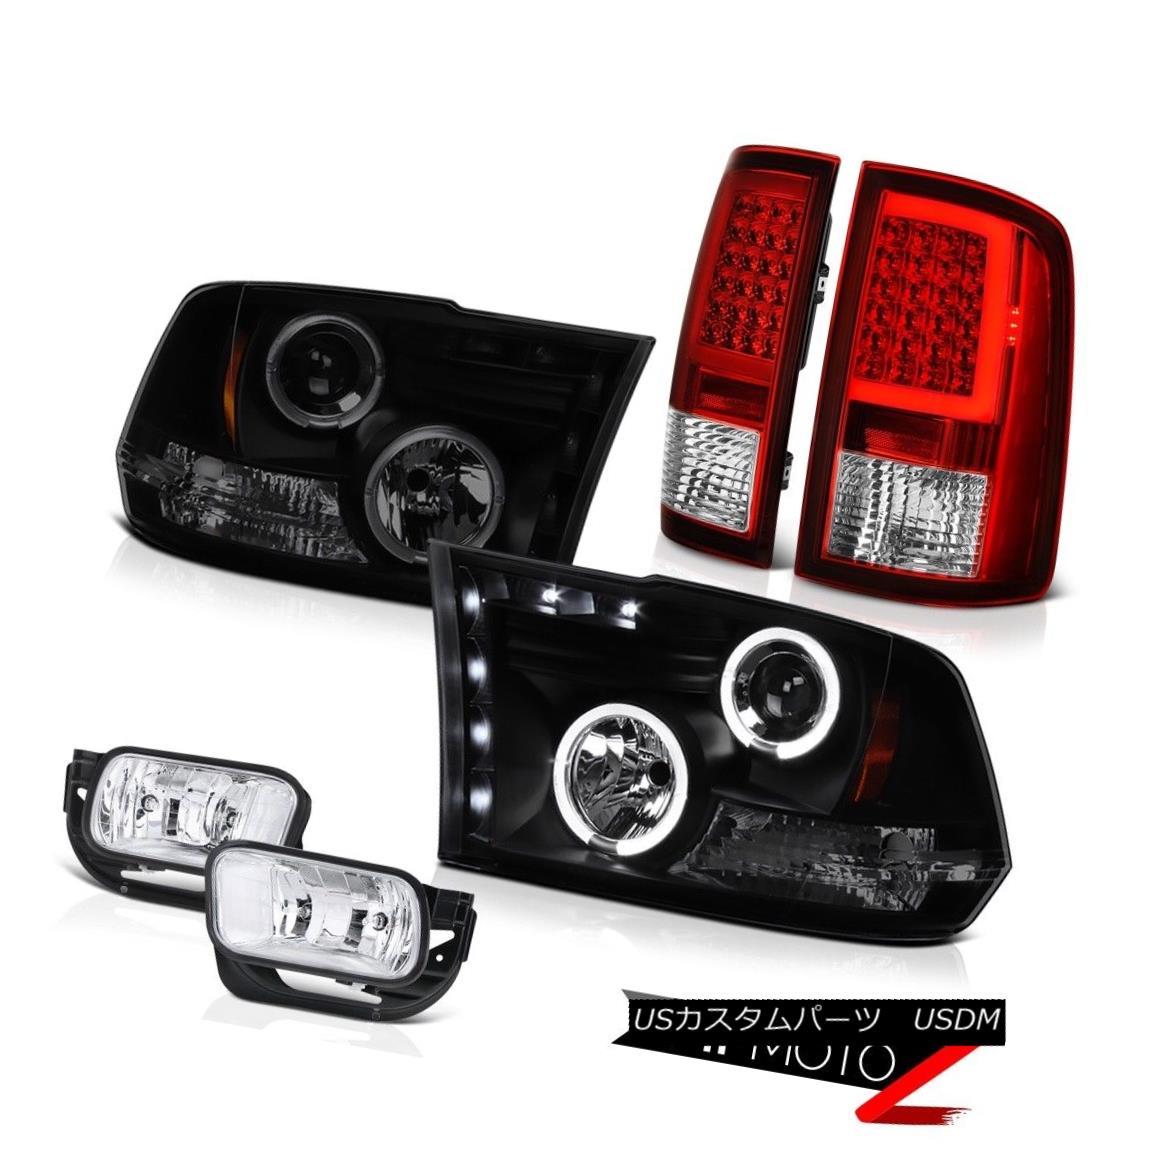 ヘッドライト 09-13 Dodge RAM 1500 Wine Red Tail Lamp Euro Chrome Fog Light Headlamp SET PAIR 09-13ダッジRAM 1500ワインレッドテールランプユーロクロームフォグライトヘッドランプSET PAIR